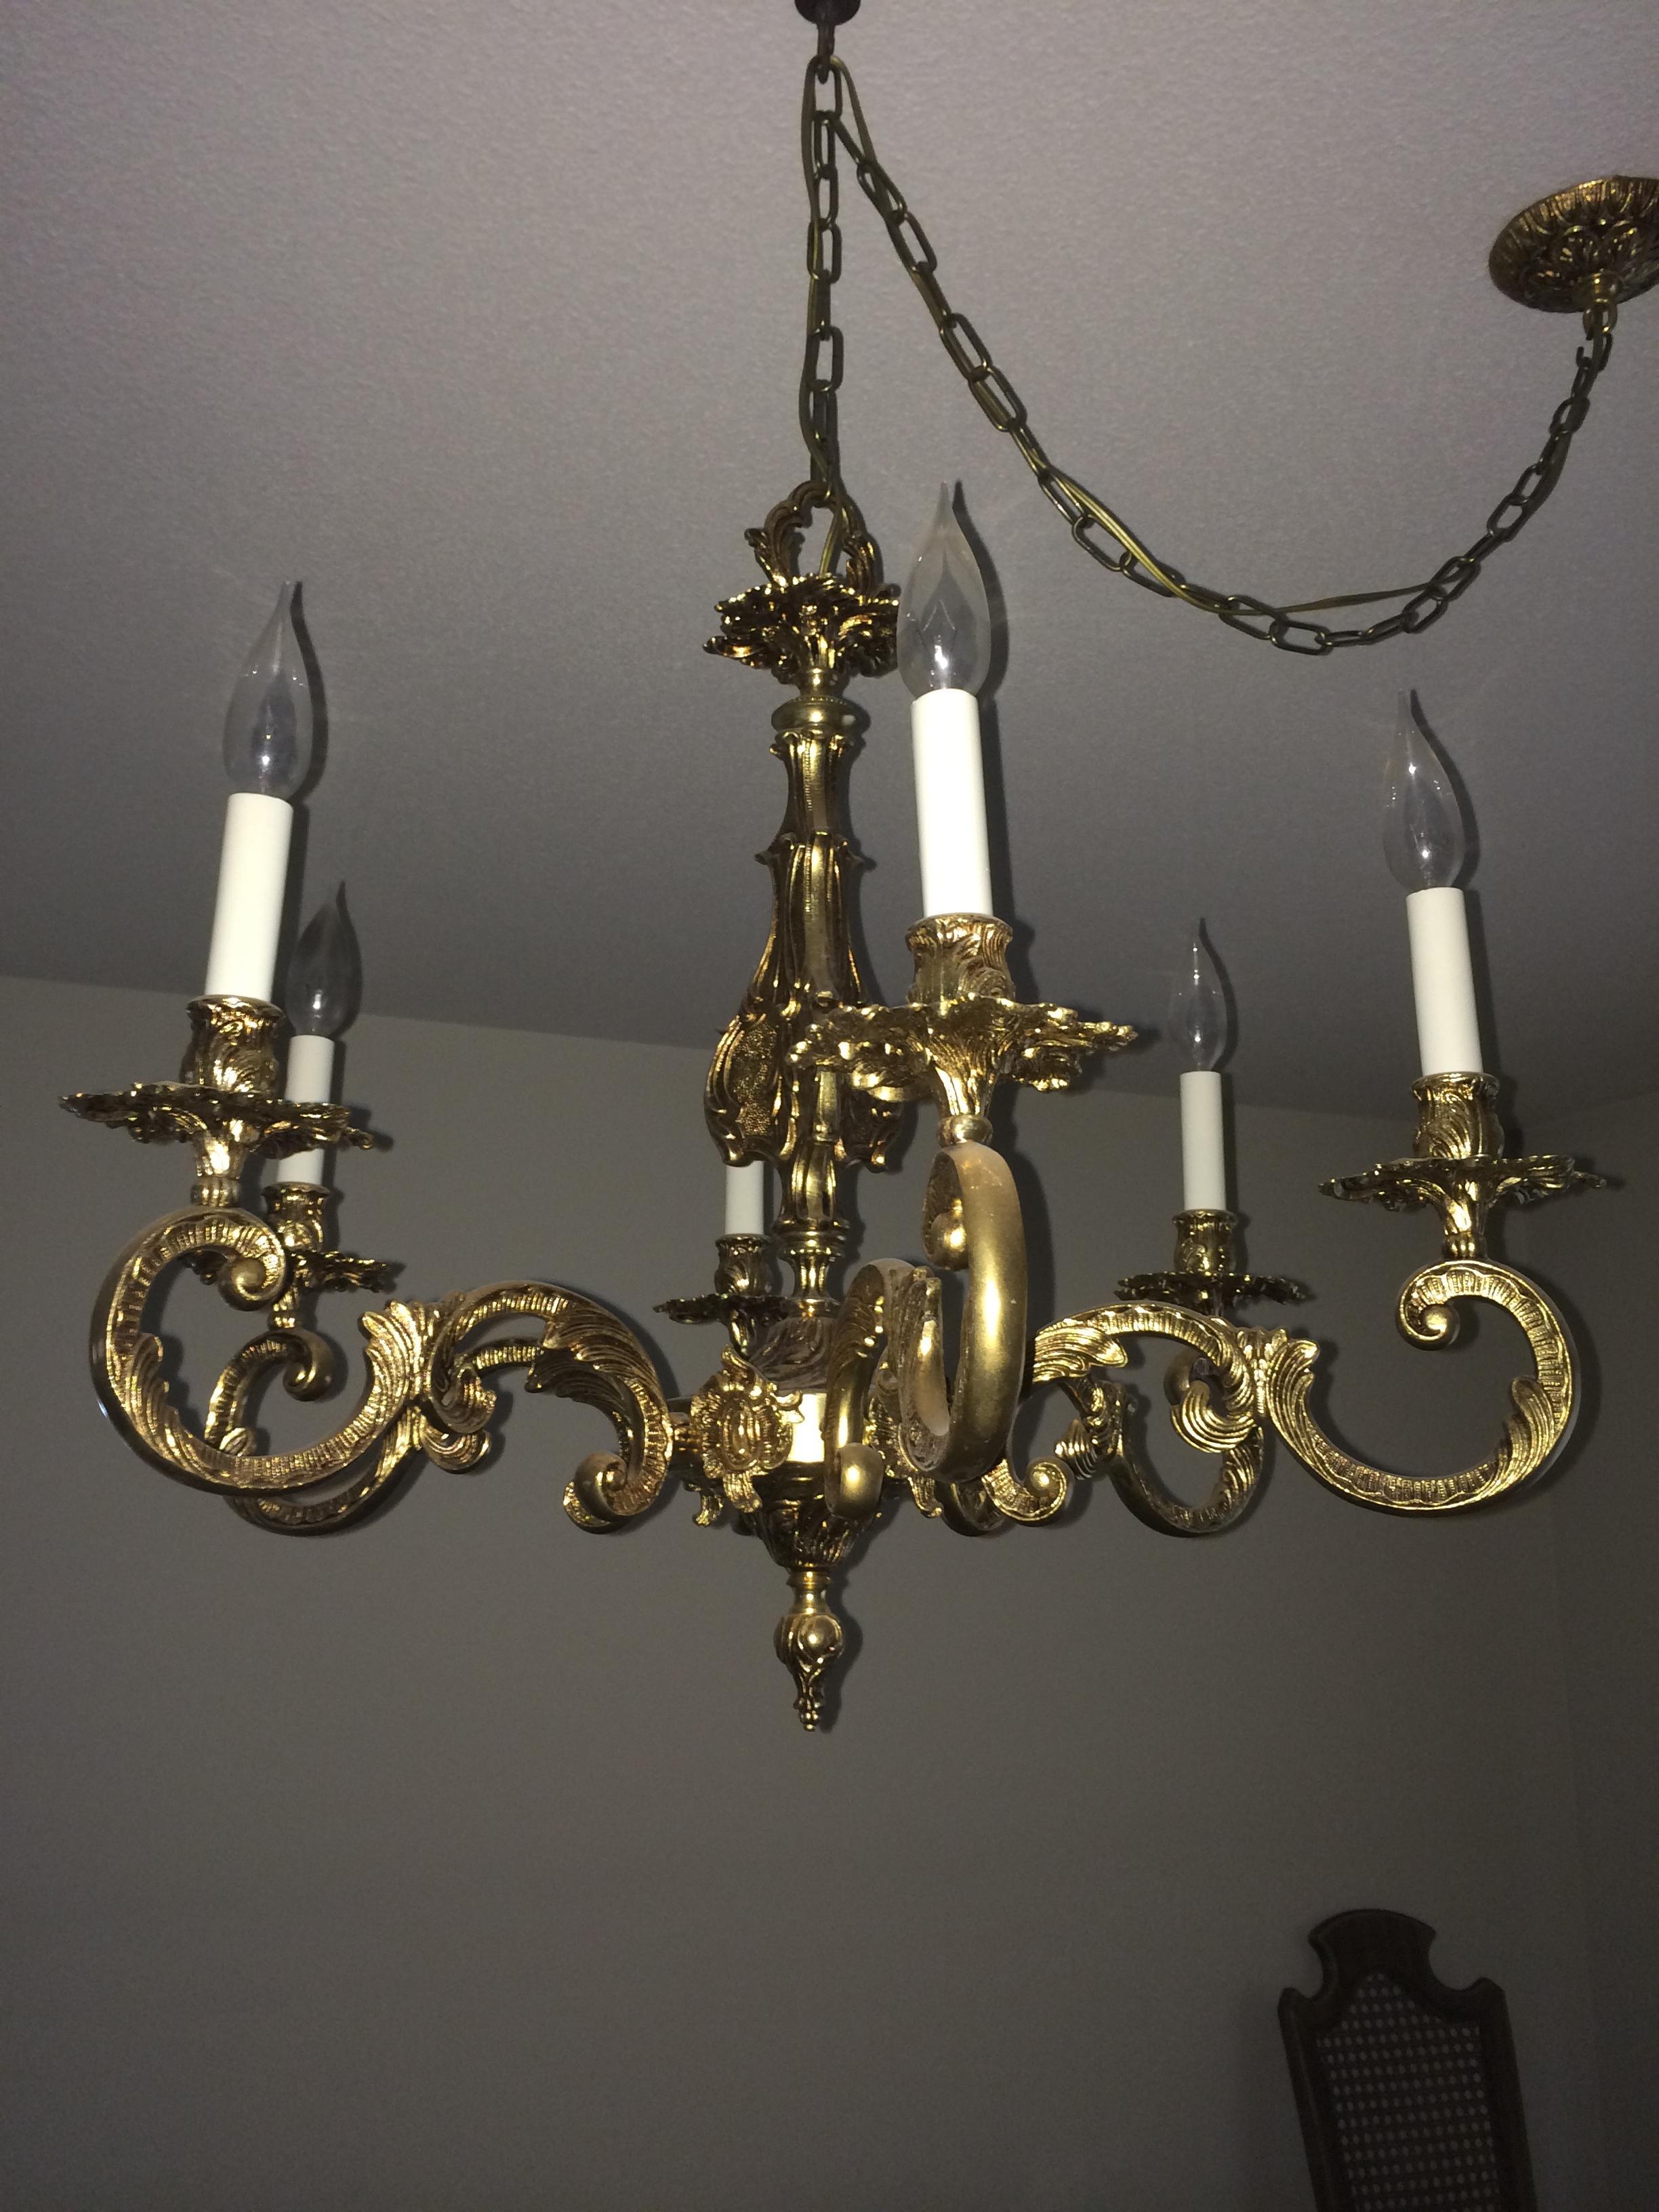 Antique Brass Chandelier Antique Appraisal Instappraisal